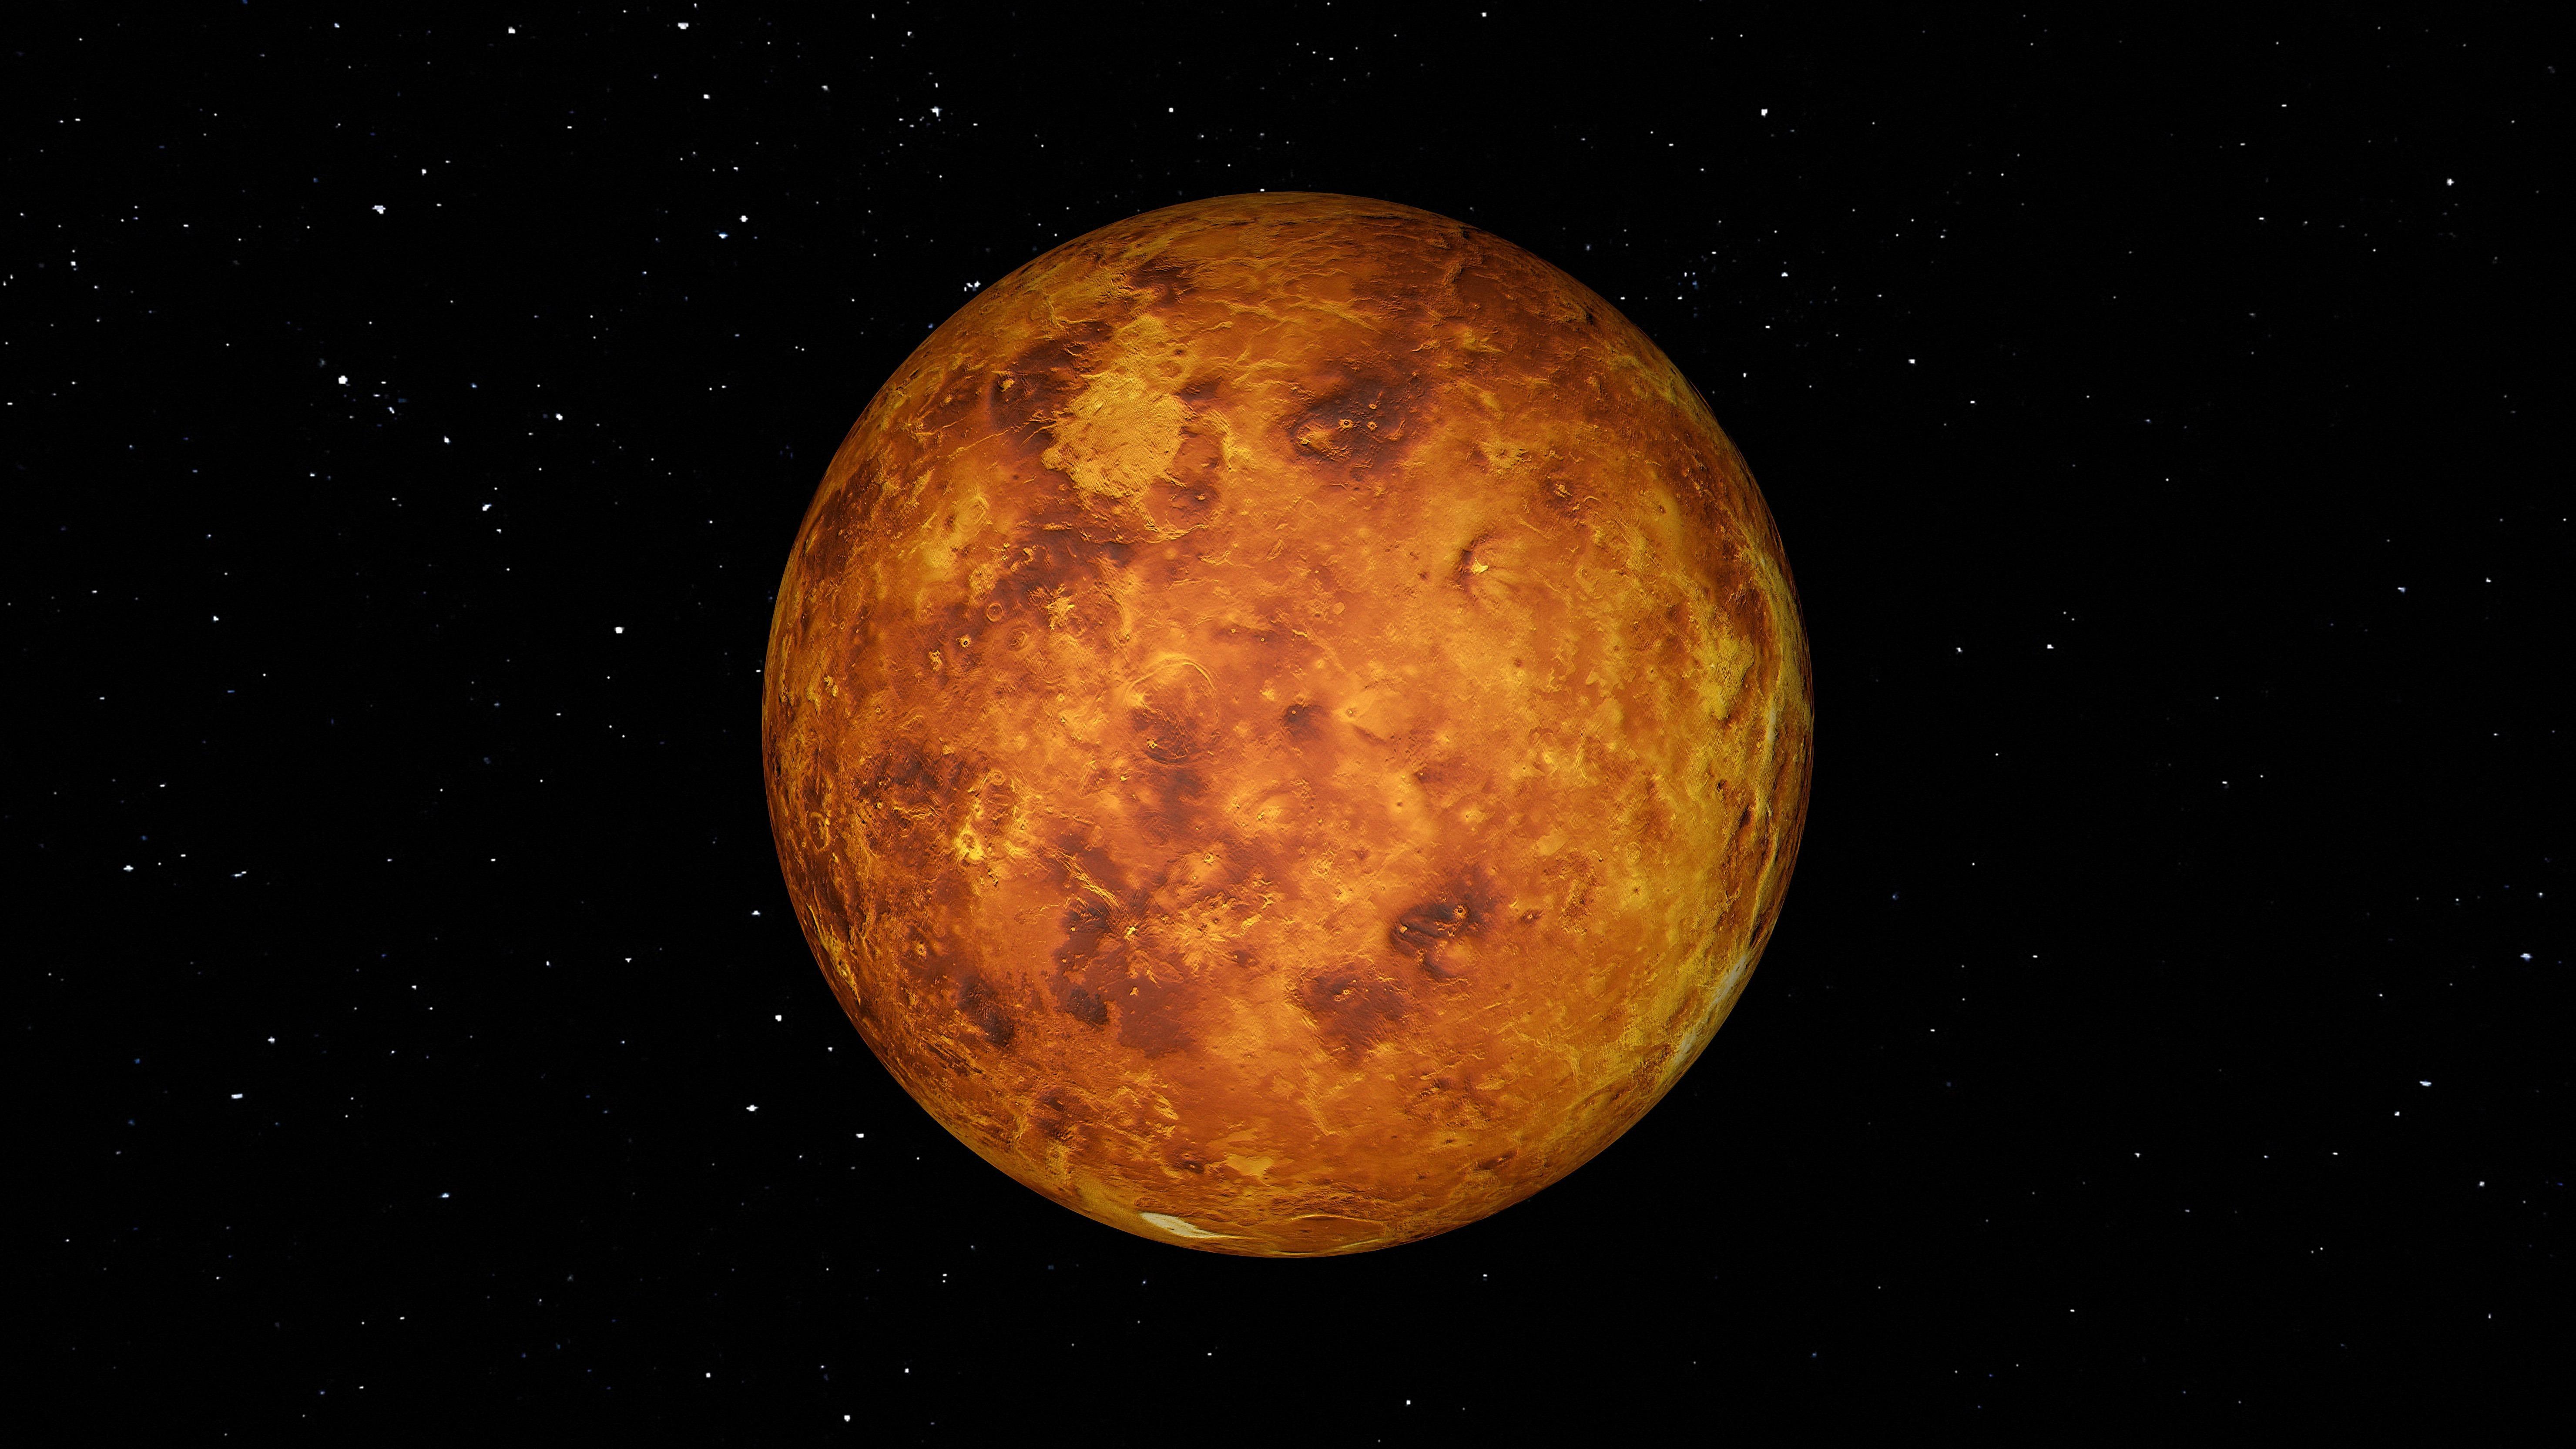 Новое исследование не подтвердило присутствие фосфина в атмосфере Венеры